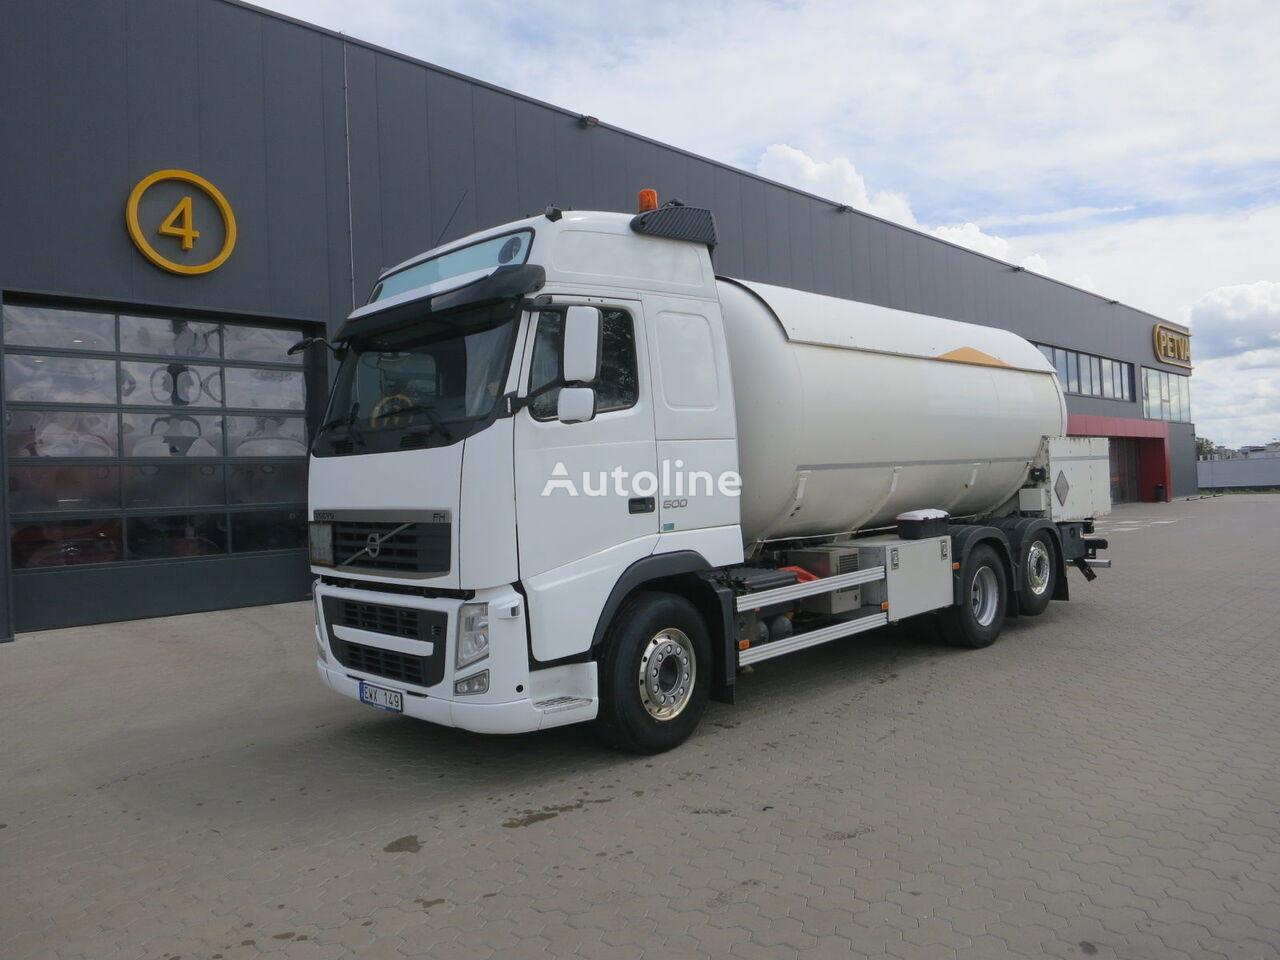 dujovežis sunkvežimis VOLVO FH 13.500, 26 000 liter. ADR